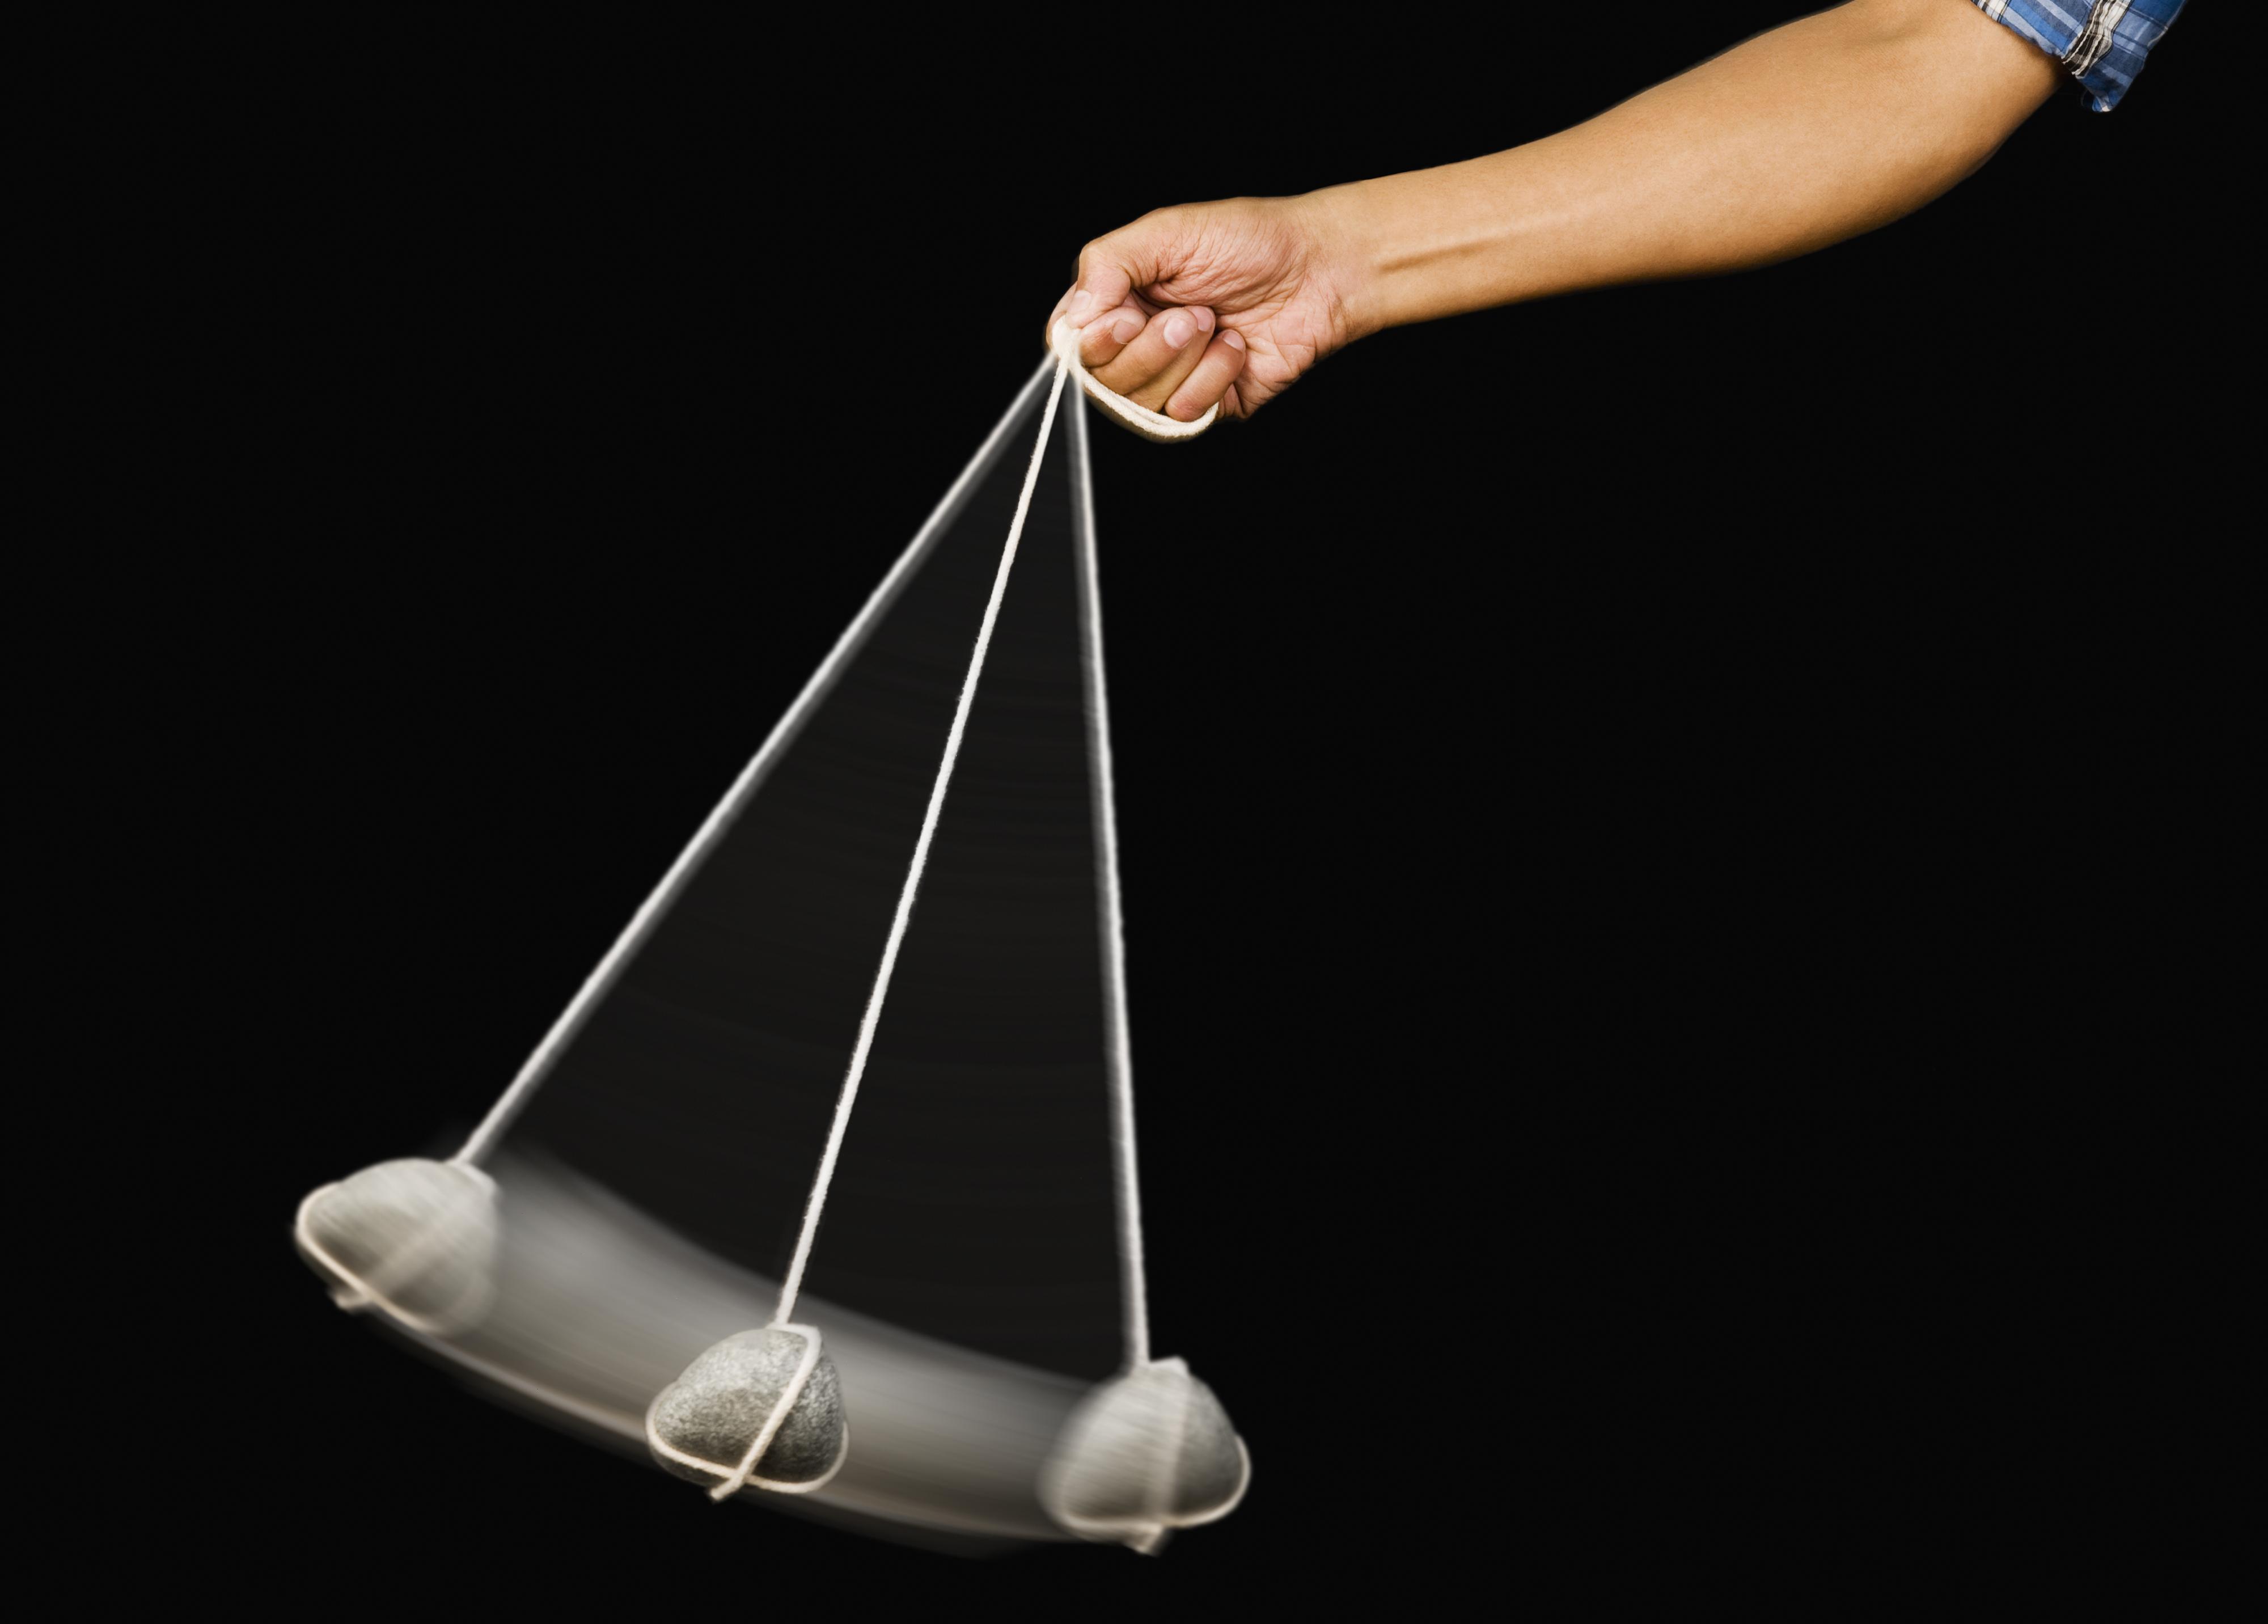 Et akselerometer er på sett og vis den digitale varianten av en pendel. Brikkens viktigste funksjoner er å måle g-krefter, enten fra tyngdekraften eller akselerasjon. Den er blant annet ansvarlig for å orientere skjermbildet riktig vei.Foto: Shutterstock.com